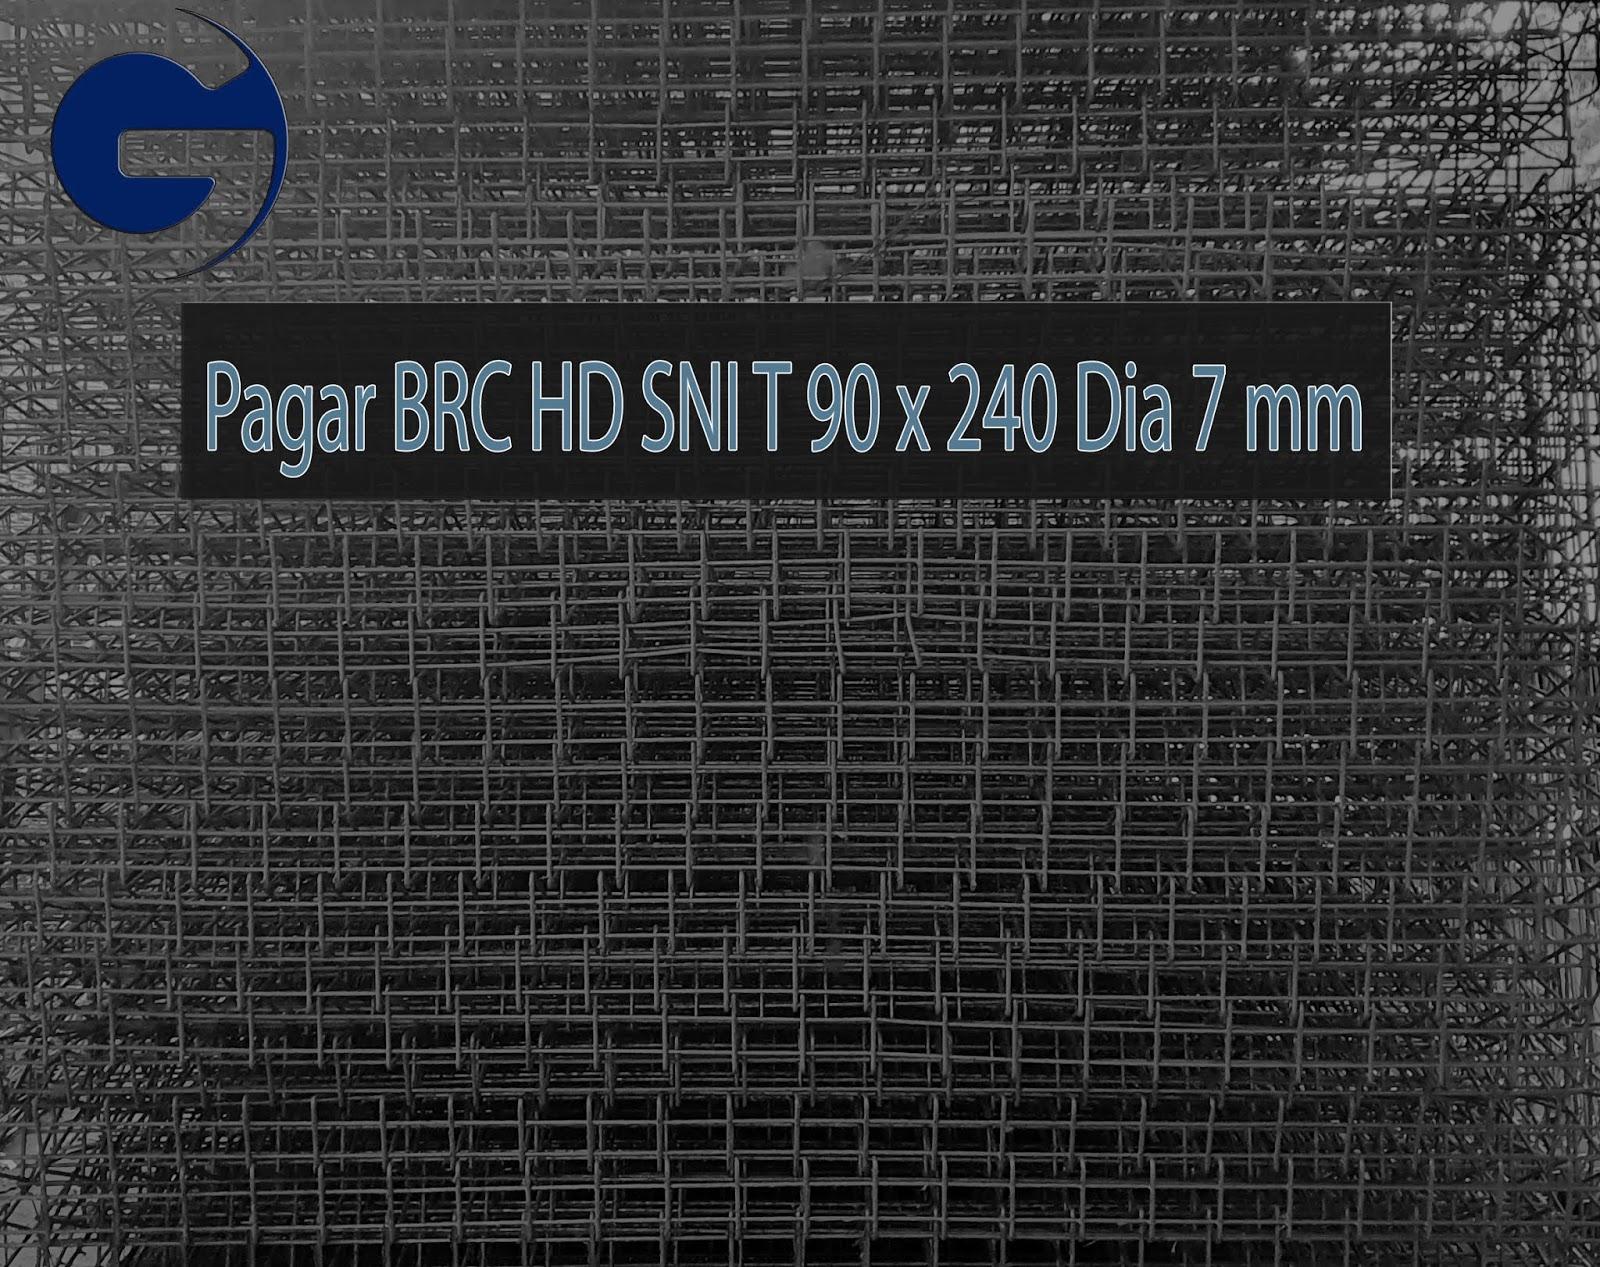 Jual pagar BRC HD SNI T 90 x 240 Dia 7 mm